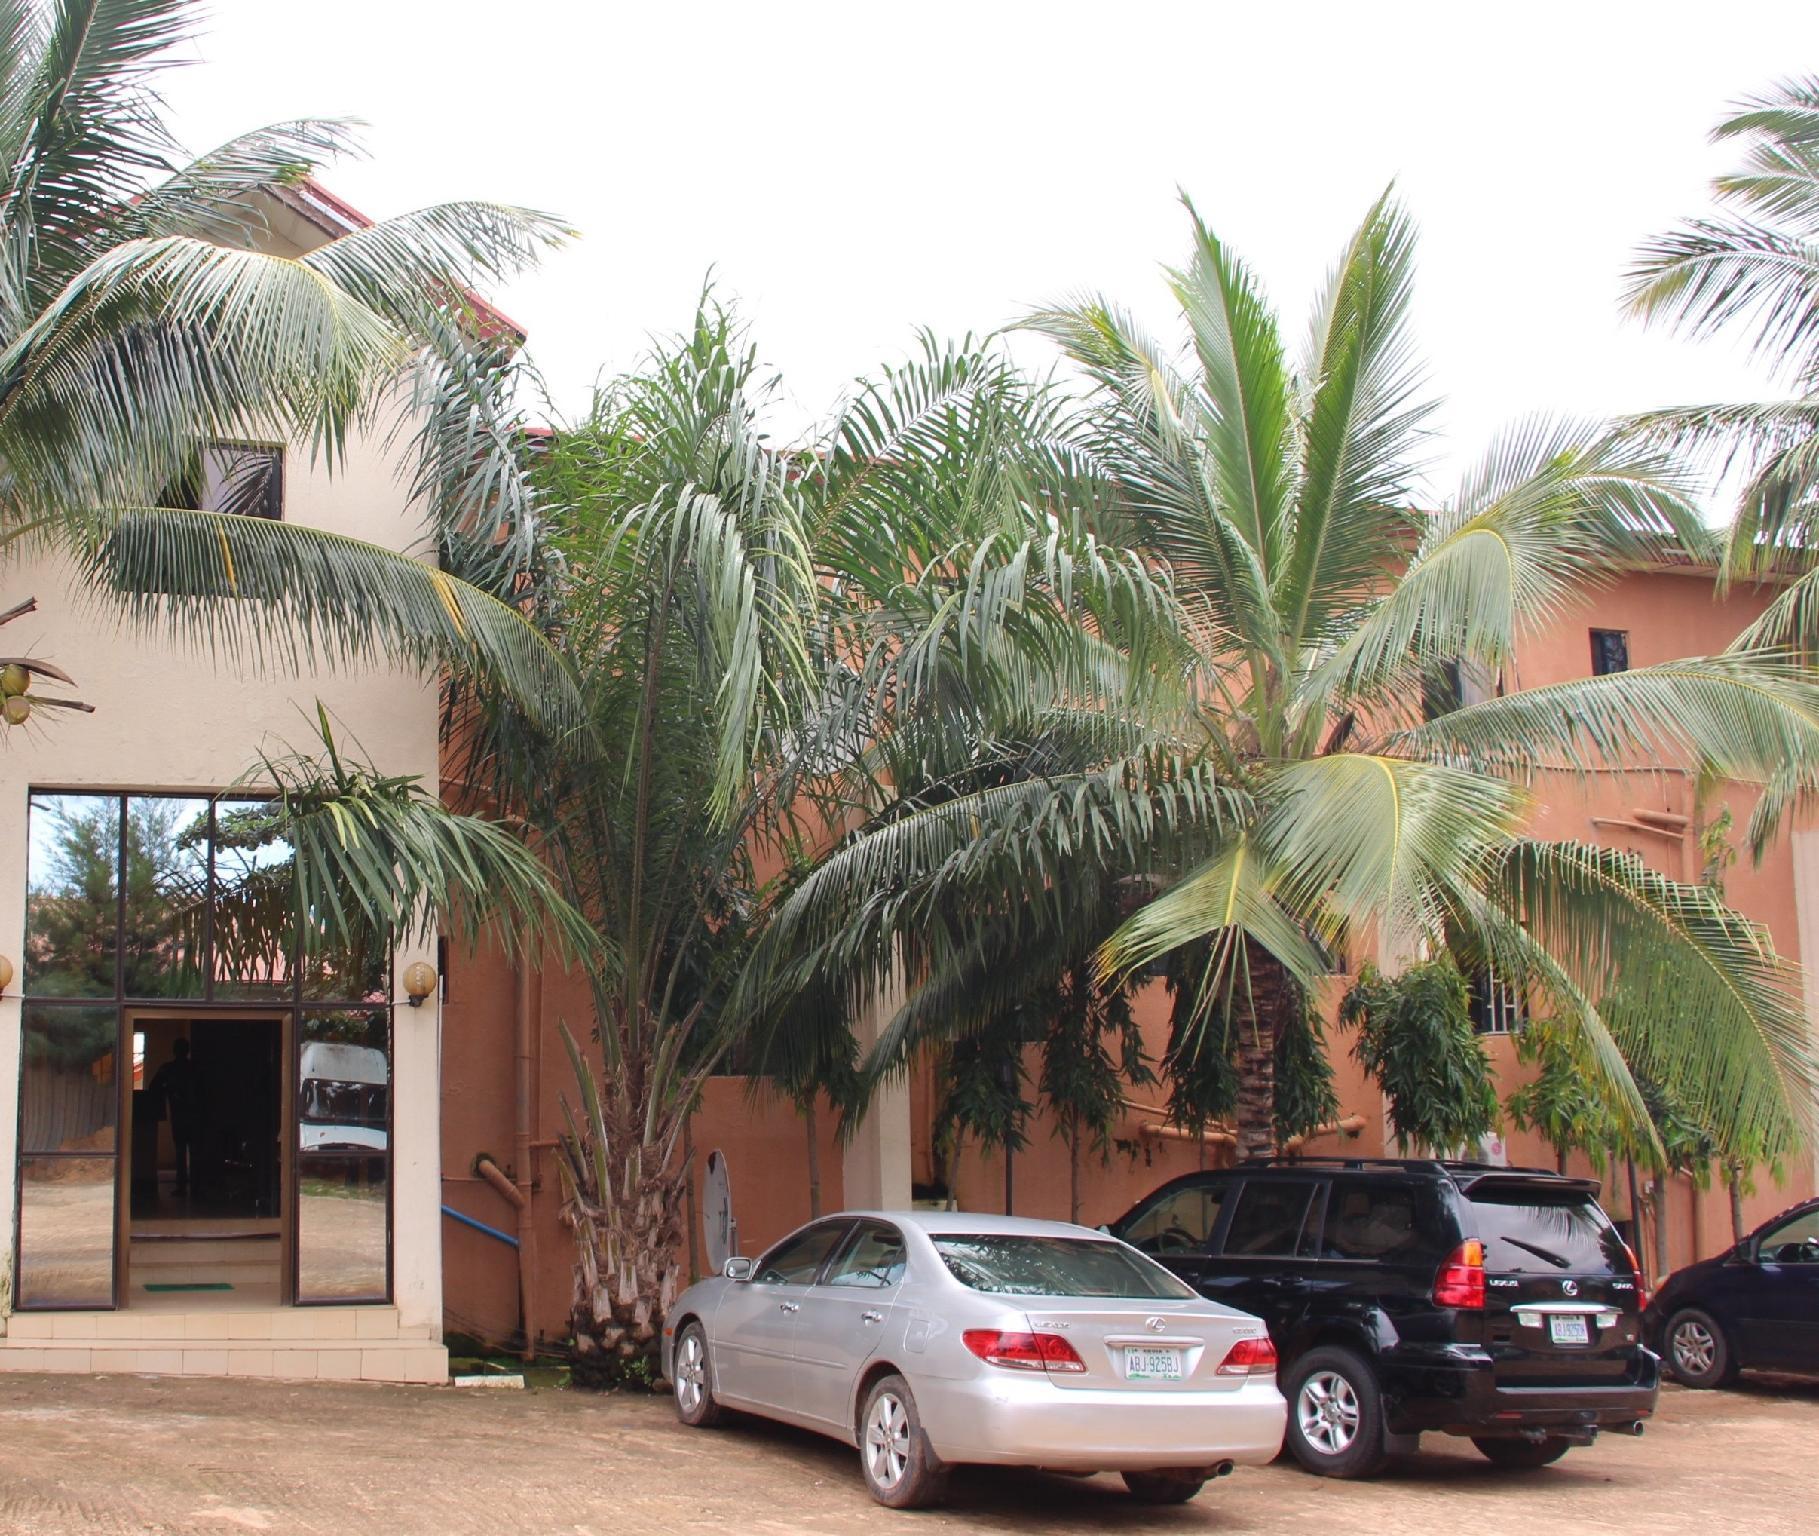 Gayyata Hotel